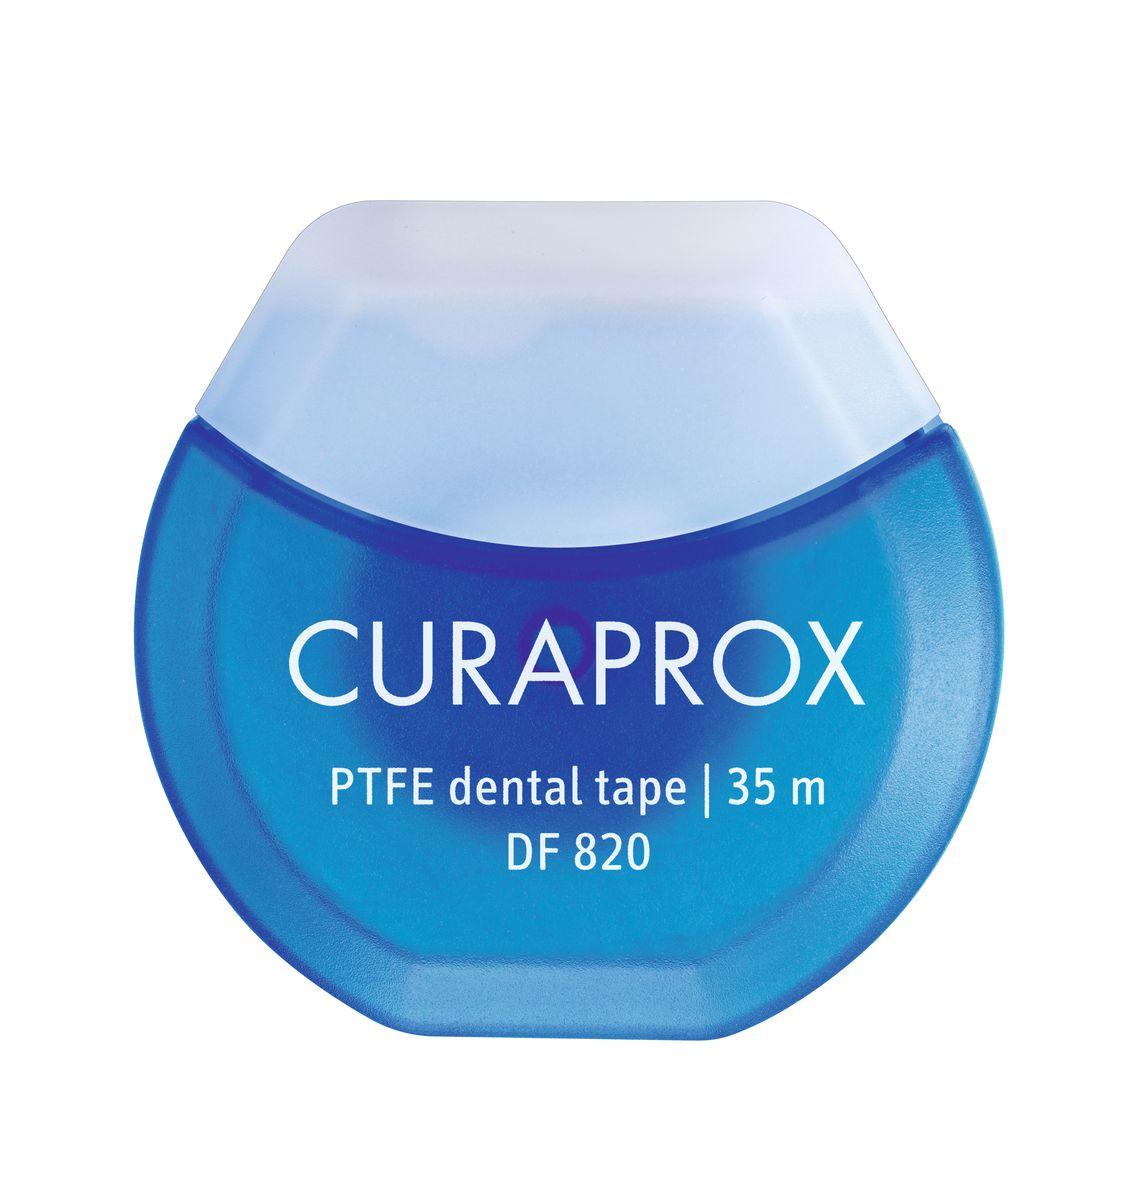 Curaprox DF 820 Нить межзубная тефлоновая с хлоргексидином, 35 мCPS011 plus UHS409Нить для очищение межзубных промежутков. Рекомендации: использовать ежедневно после приема пищи, минимум 1 раз в день. Длина 35 м.